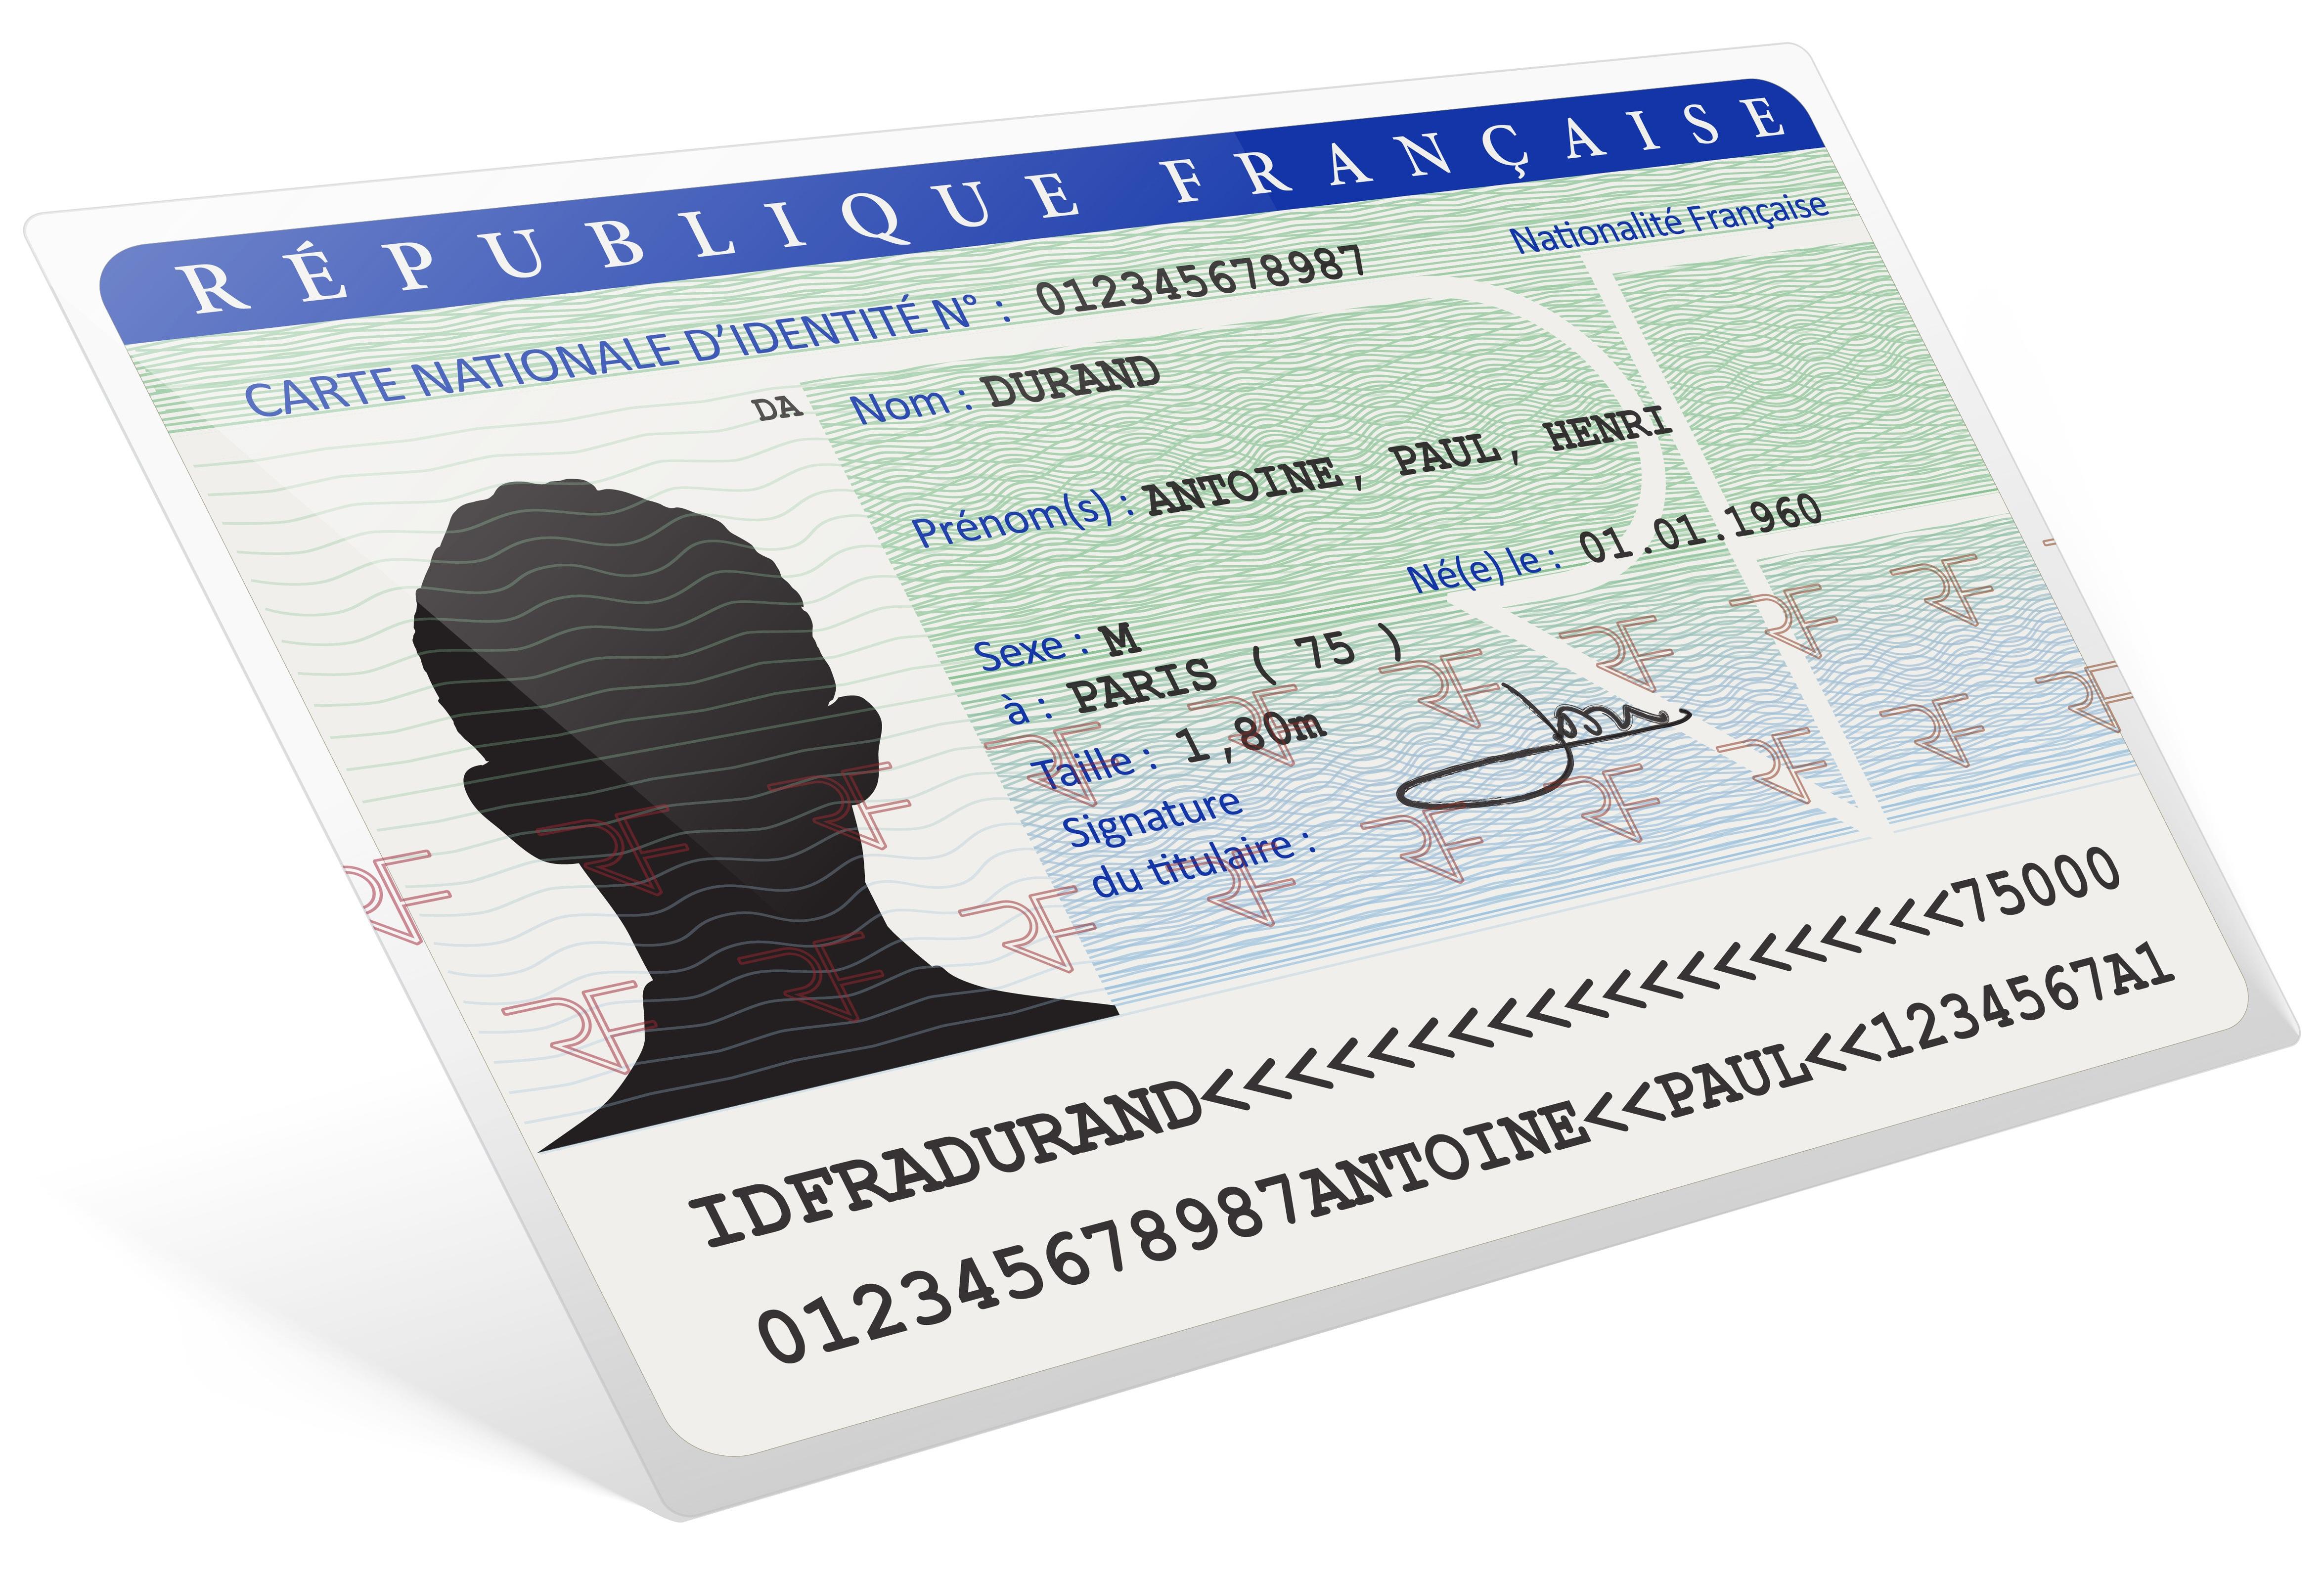 demande de carte d identité francaise Nouvelle procédure   Carte nationale d'identité sécurisée   La